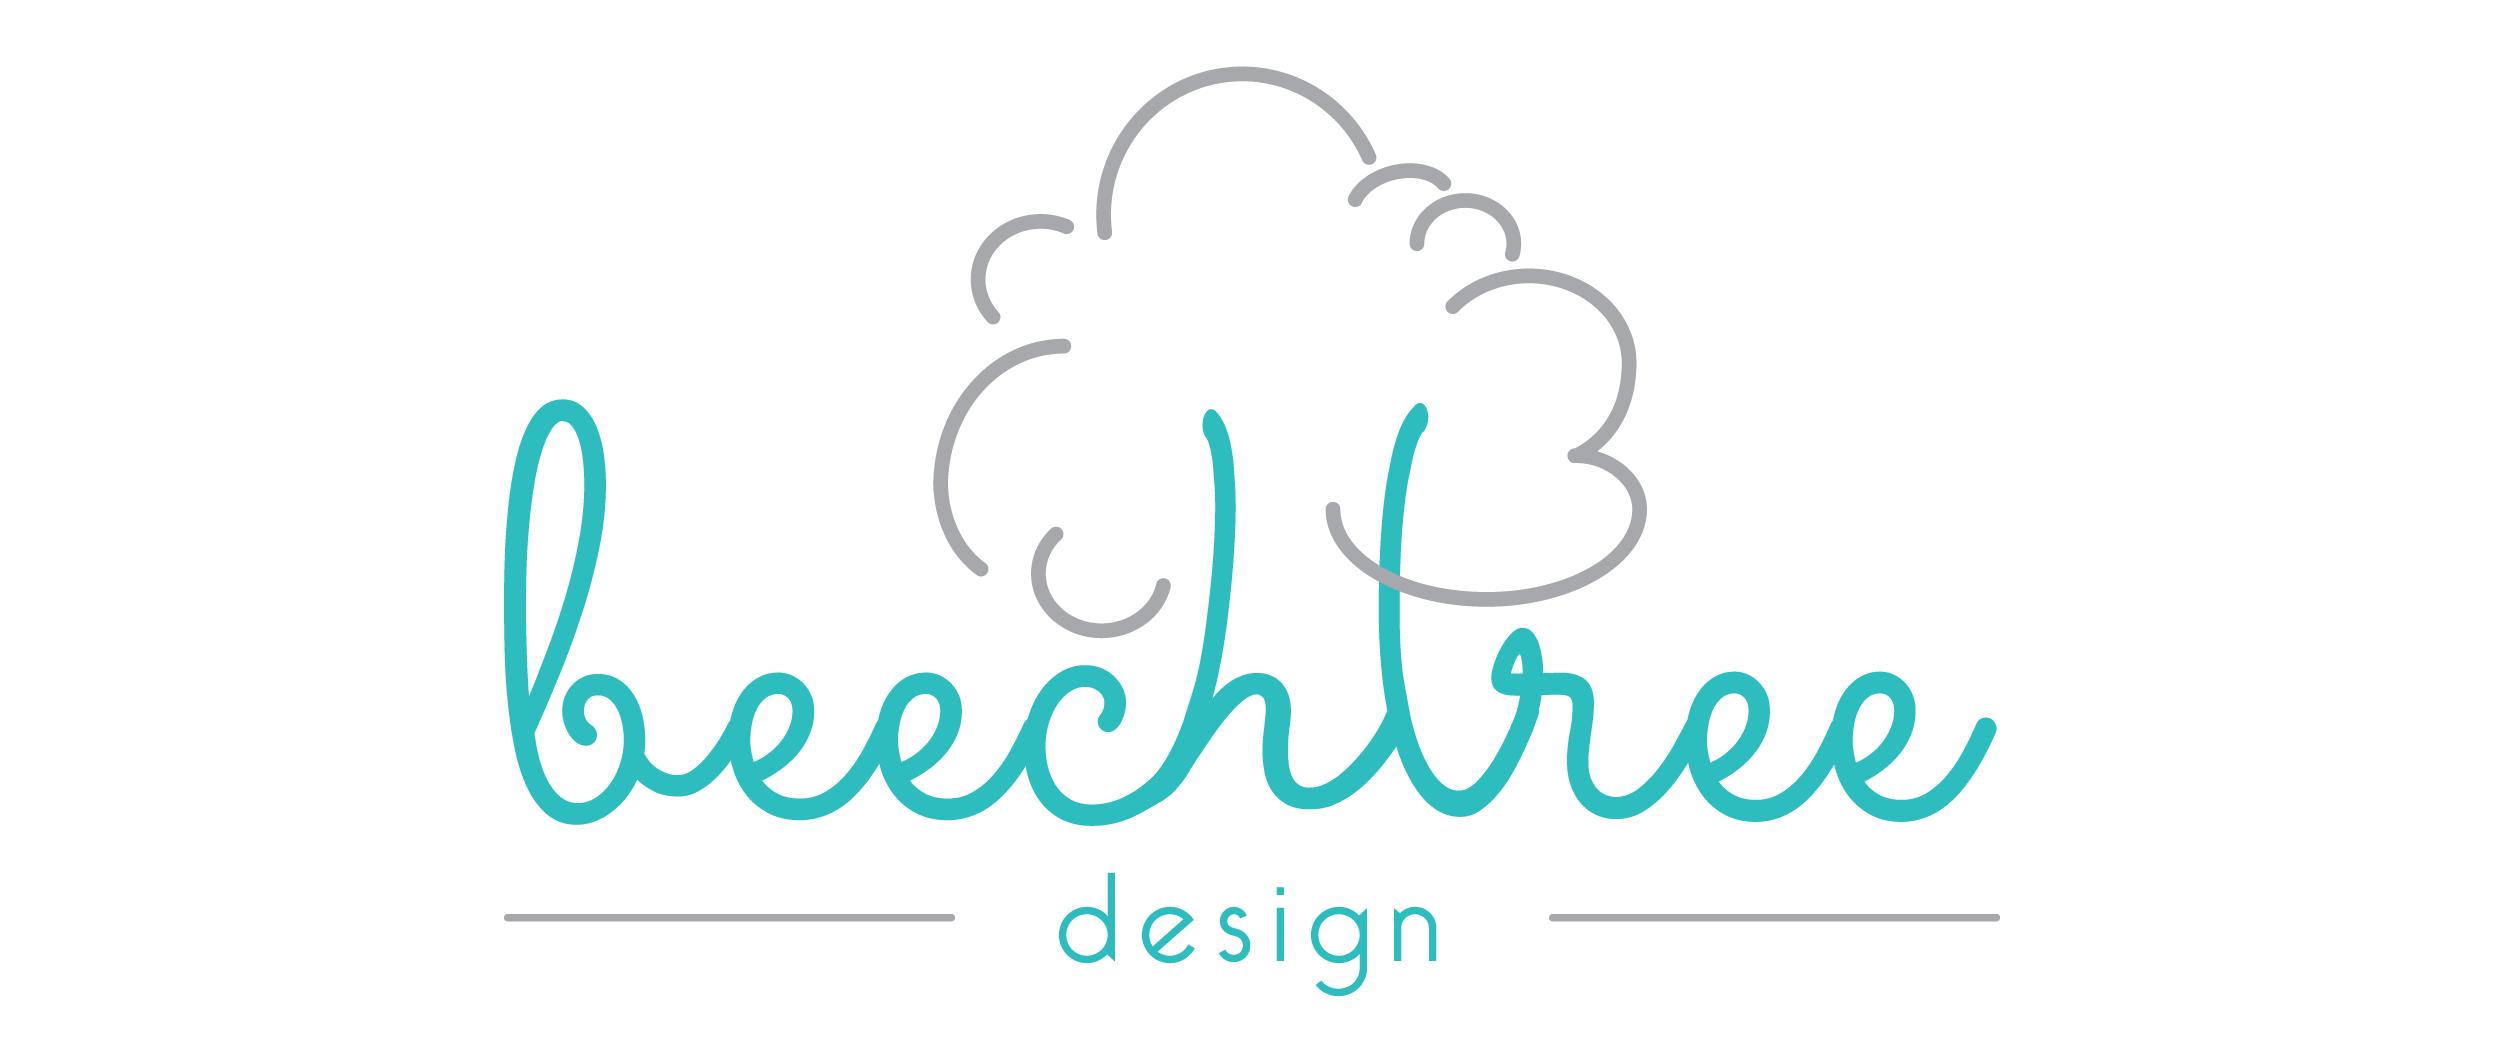 Beechtree Design